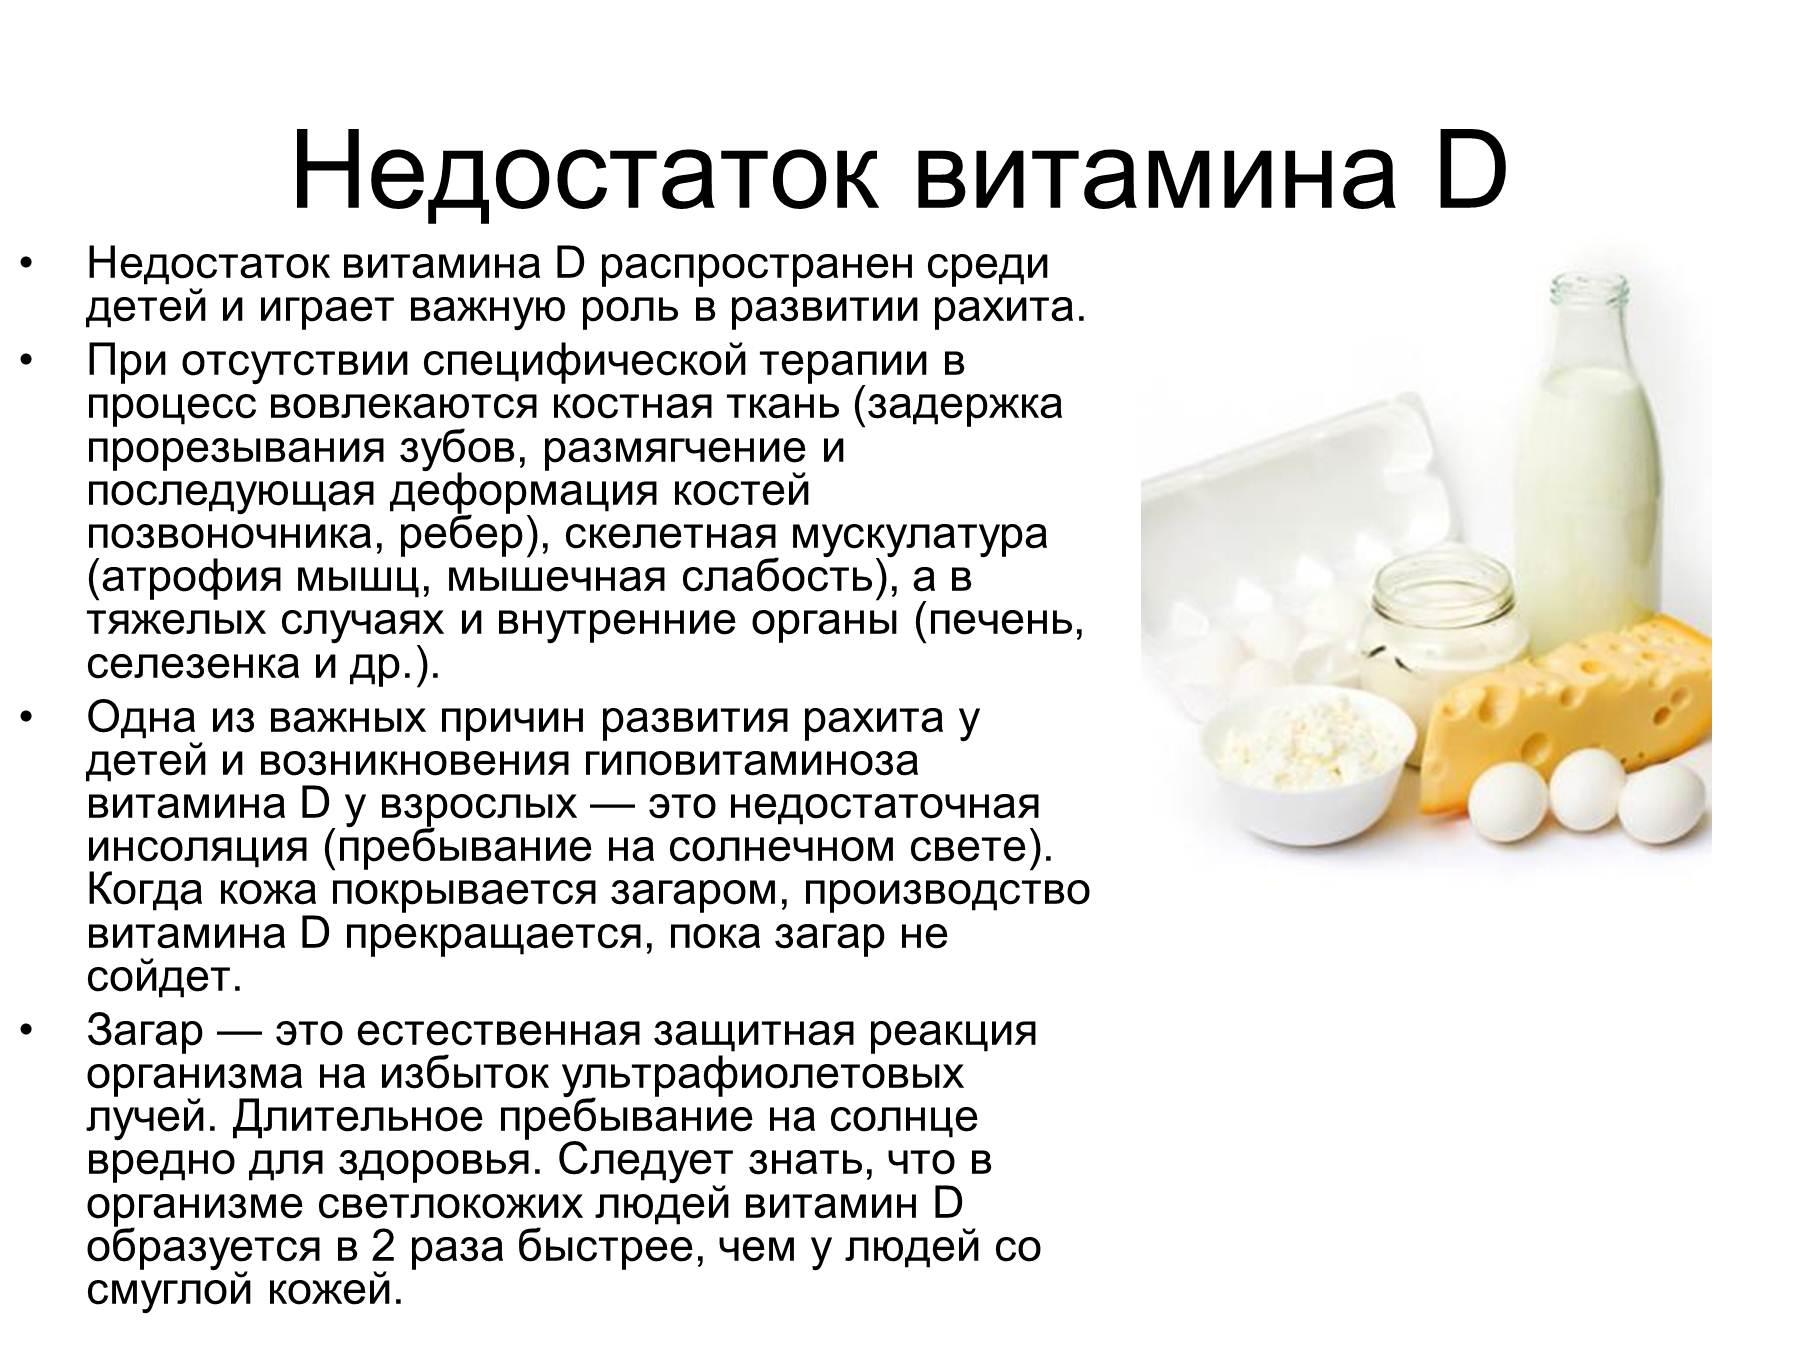 Нехватка витамина д - симптомы у детей